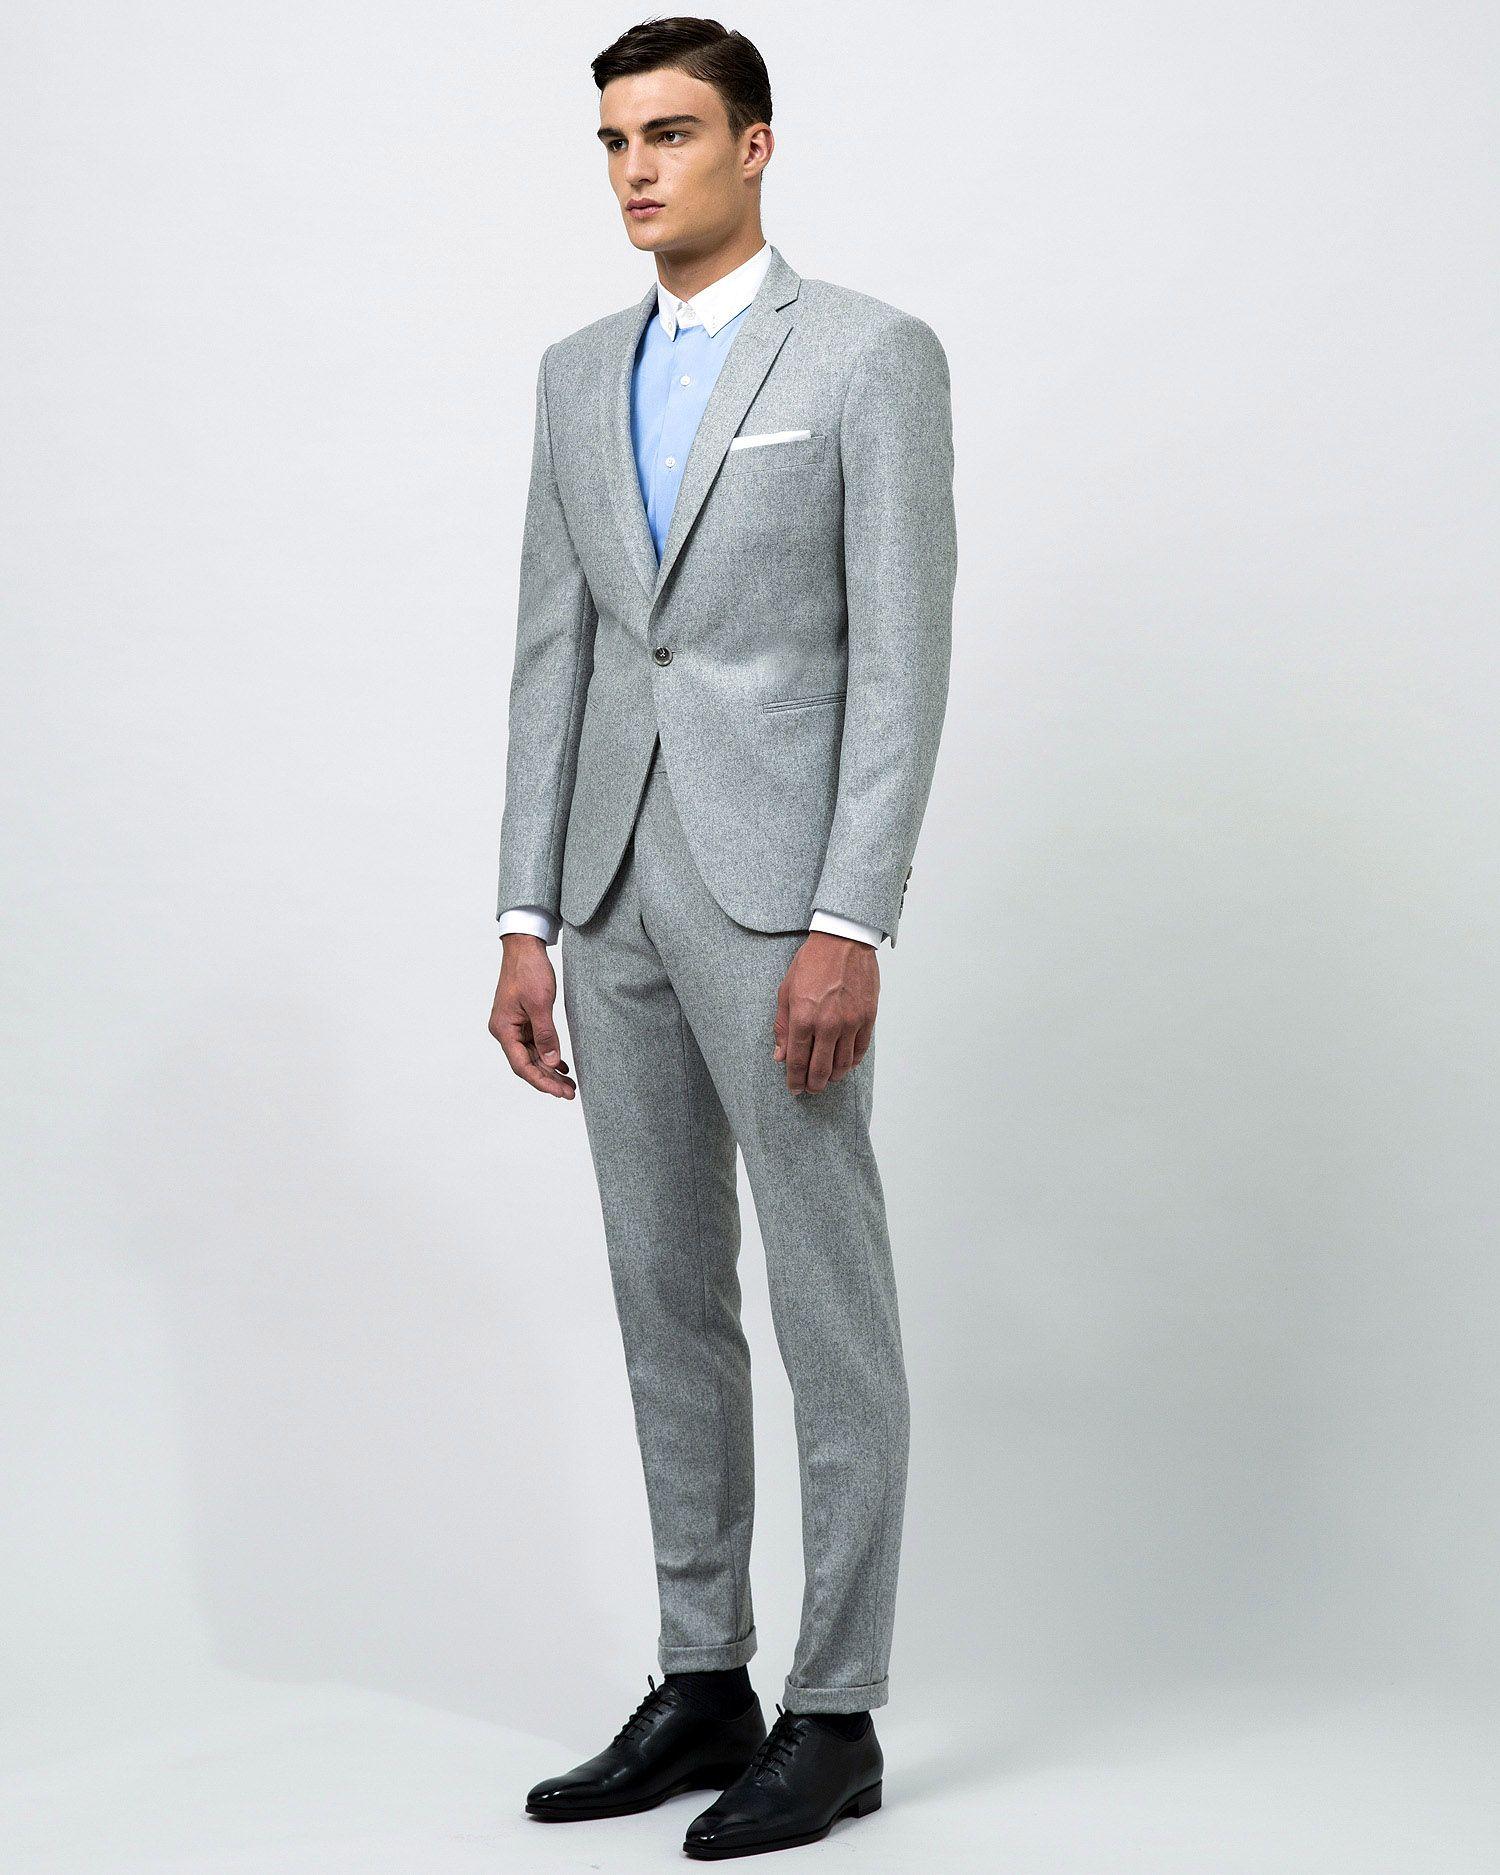 Costume sur mesure flanelle gris clair 1 bouton revers for Charming quelle couleur avec le bleu 0 quelle couleur de costume pour homme choisir